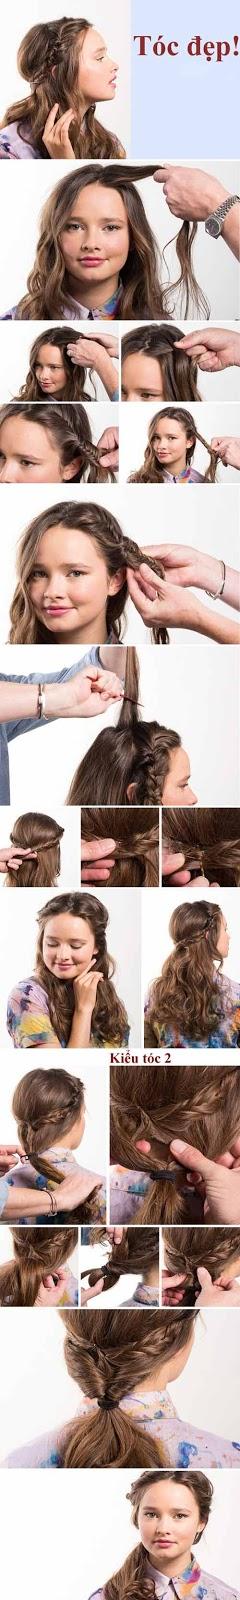 3 kiểu tóc mùa đông đẹp nhìn là thích (2)